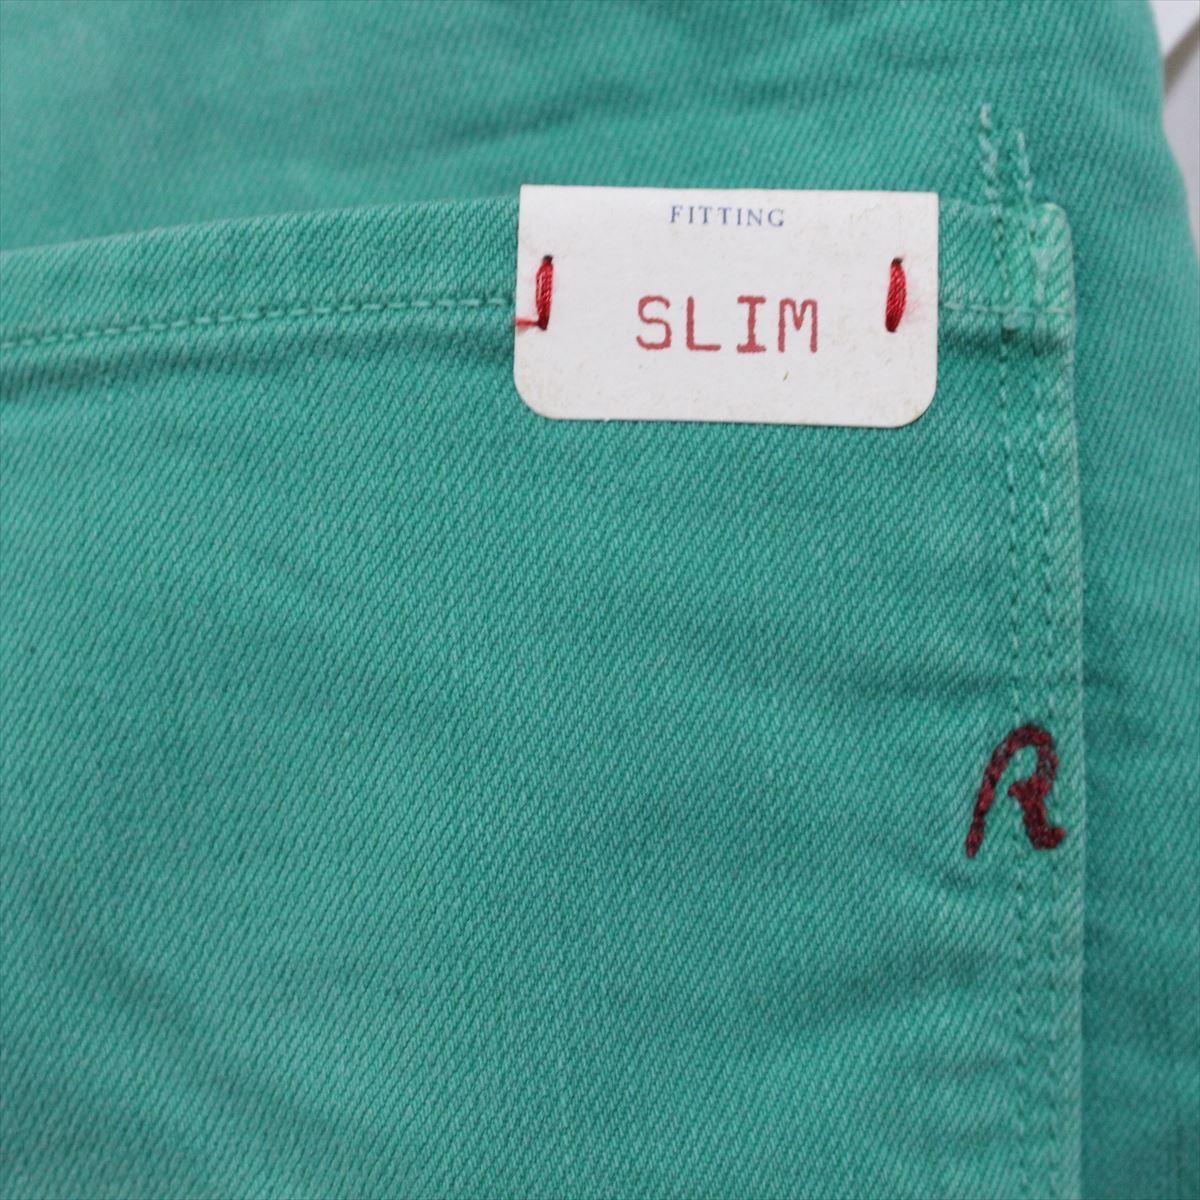 リプレイ REPLAY メンズカラーパンツ ジーンズ デニムパンツ SLIM グリーン 34インチ 新品 REPLAY BLUE JEANS anbass slim jeans_画像5